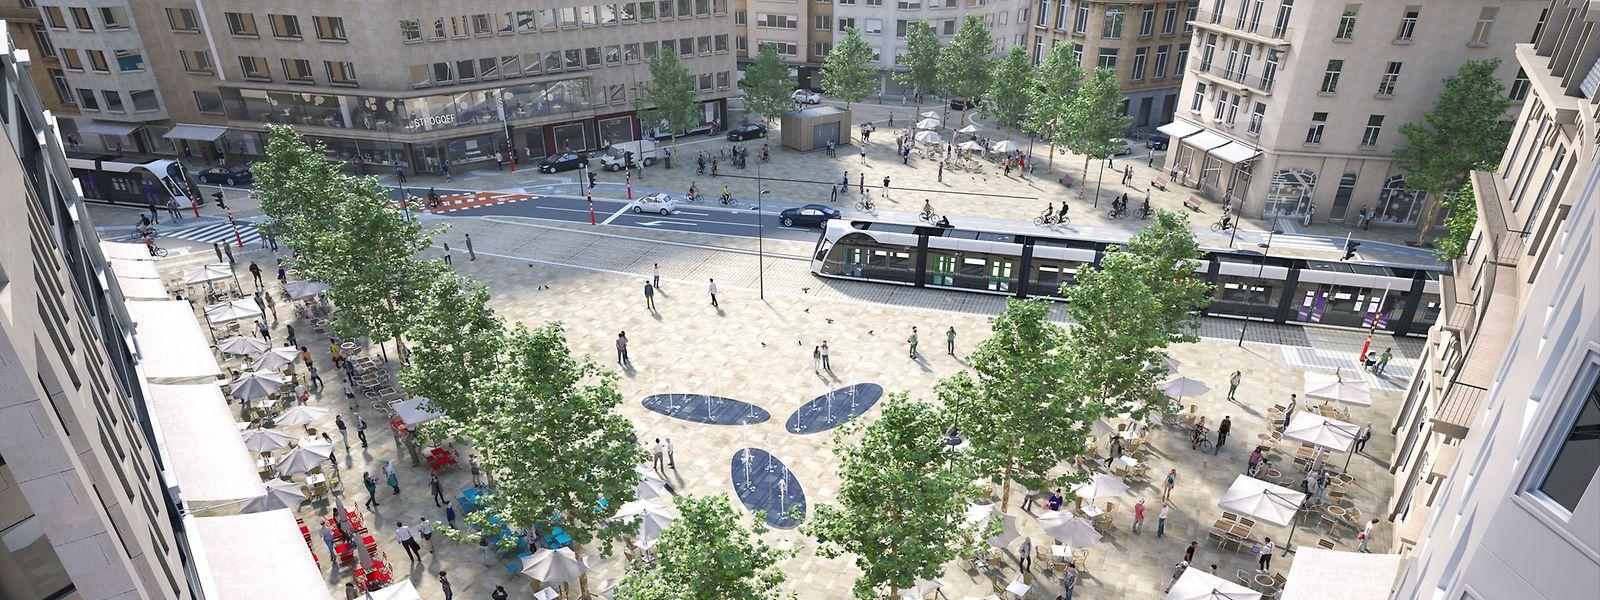 D'ici à 2021, la Place de Paris aura radicalement changé d'apparence.